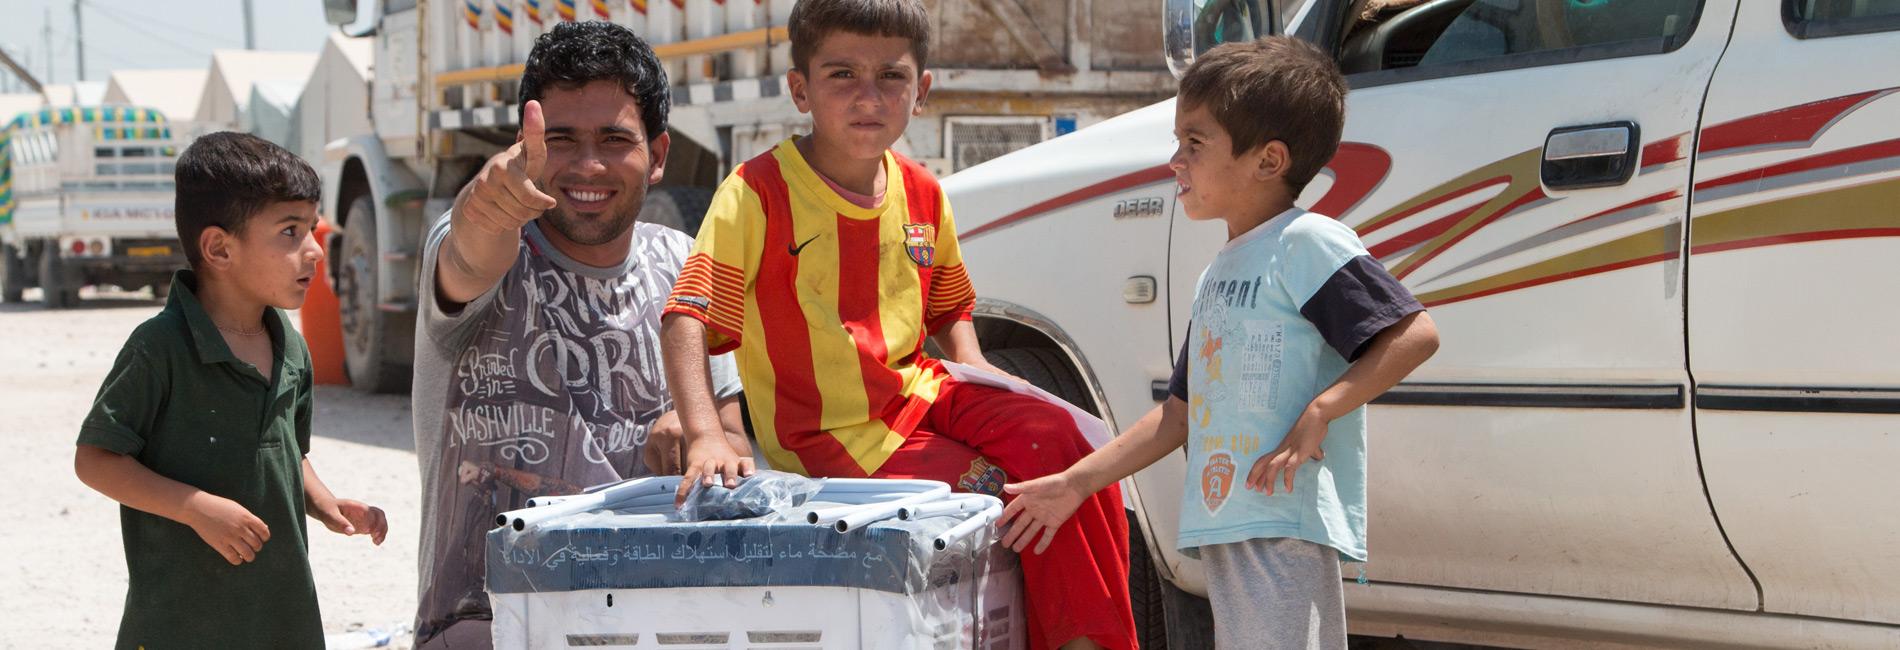 Foto: drei Jungen und ein junger Mann mit einem Luftkühler